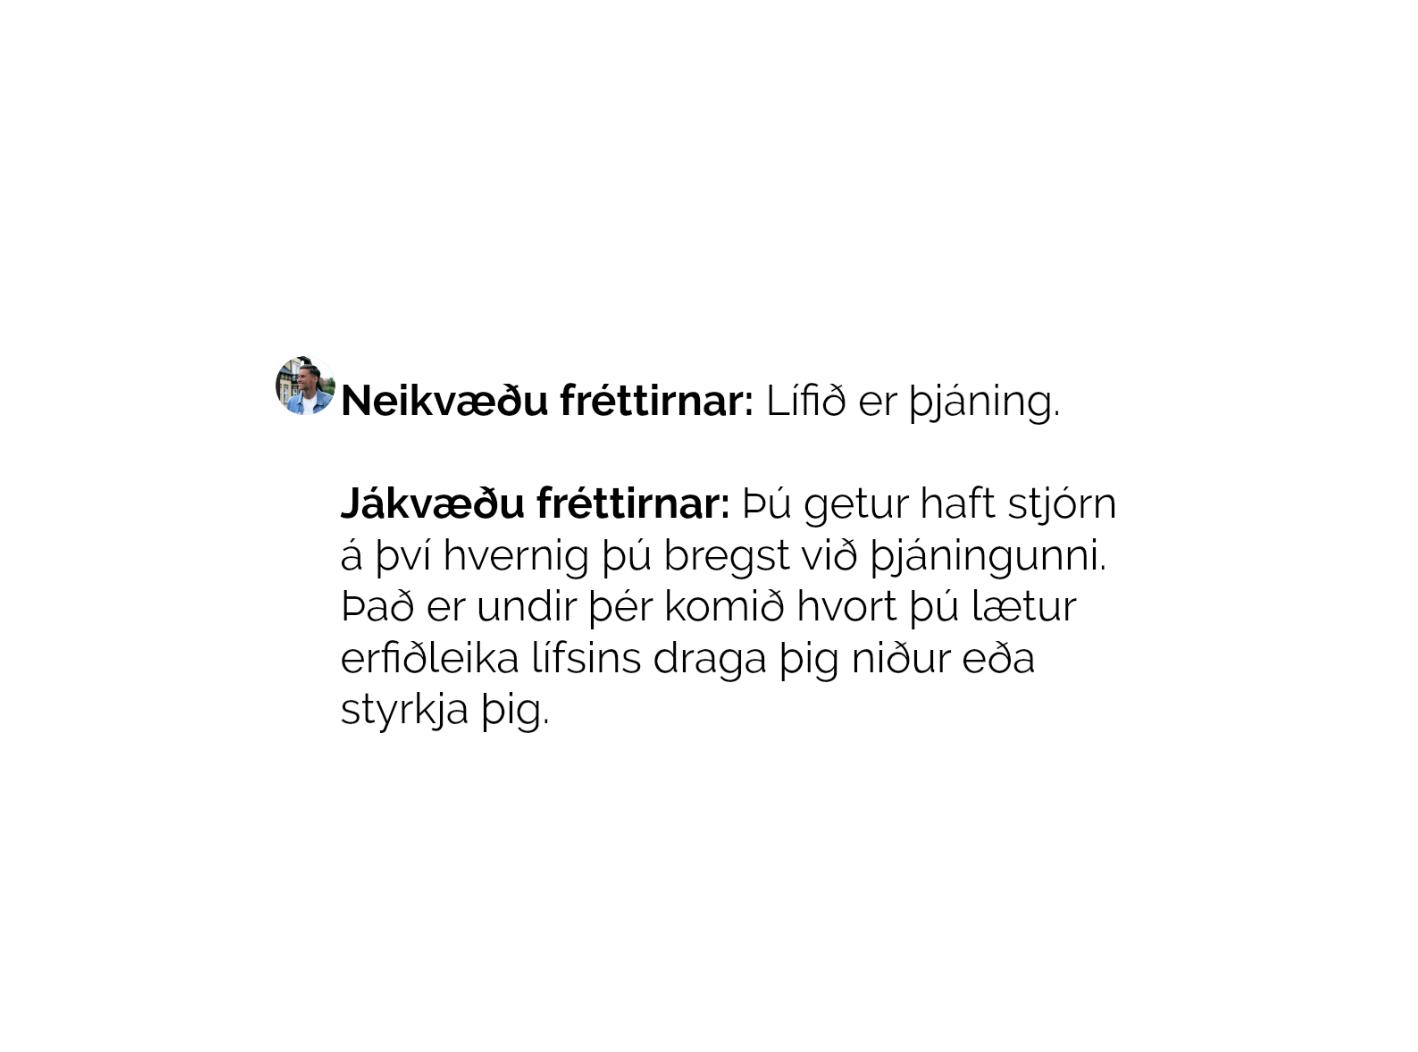 LÍFIÐ ER ÞJÁNING